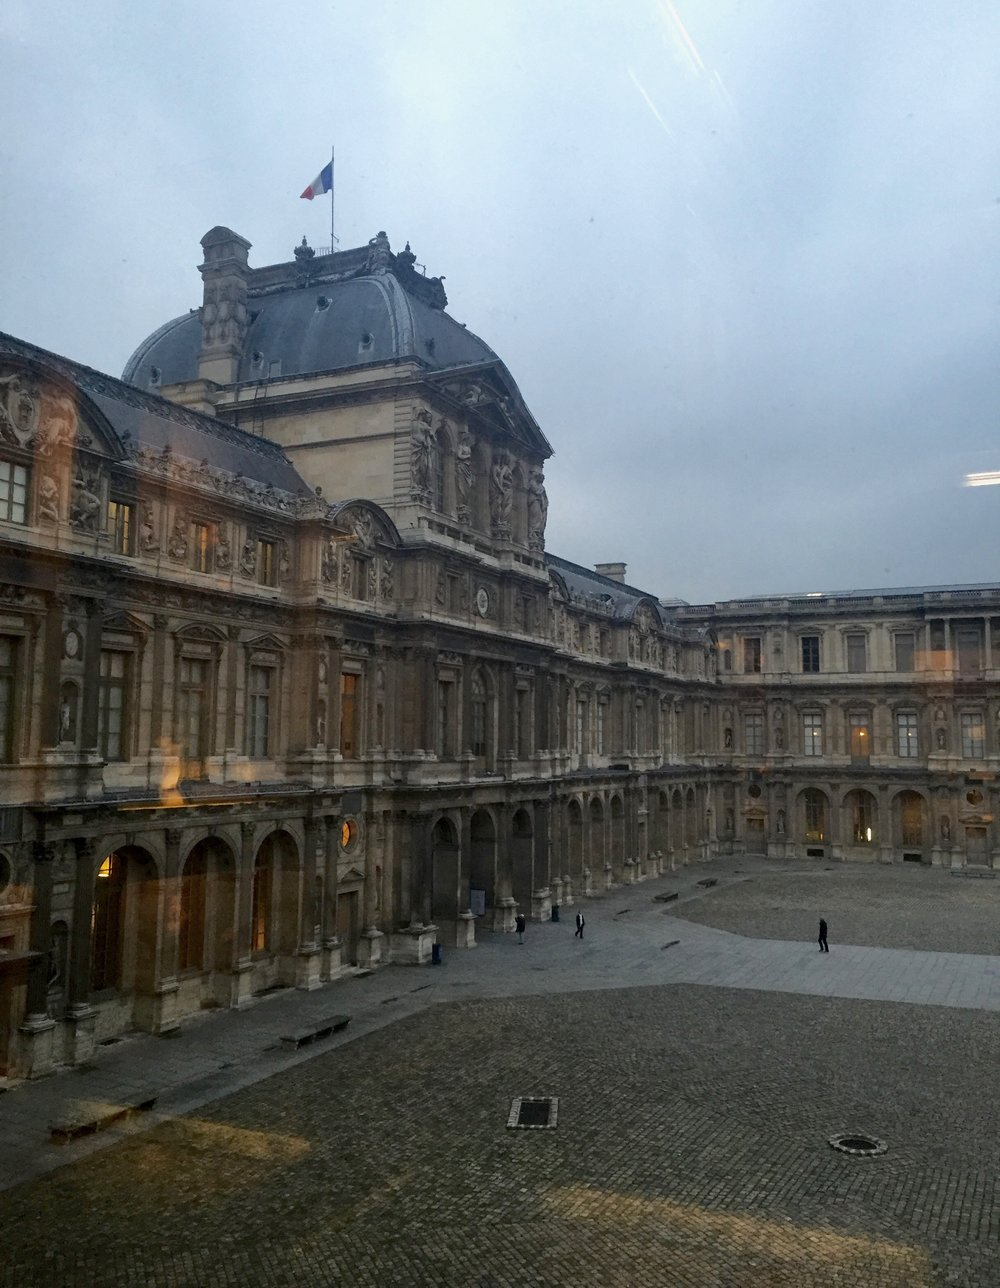 Le Louvre Courtyard   photo by L.D. Van Cleave